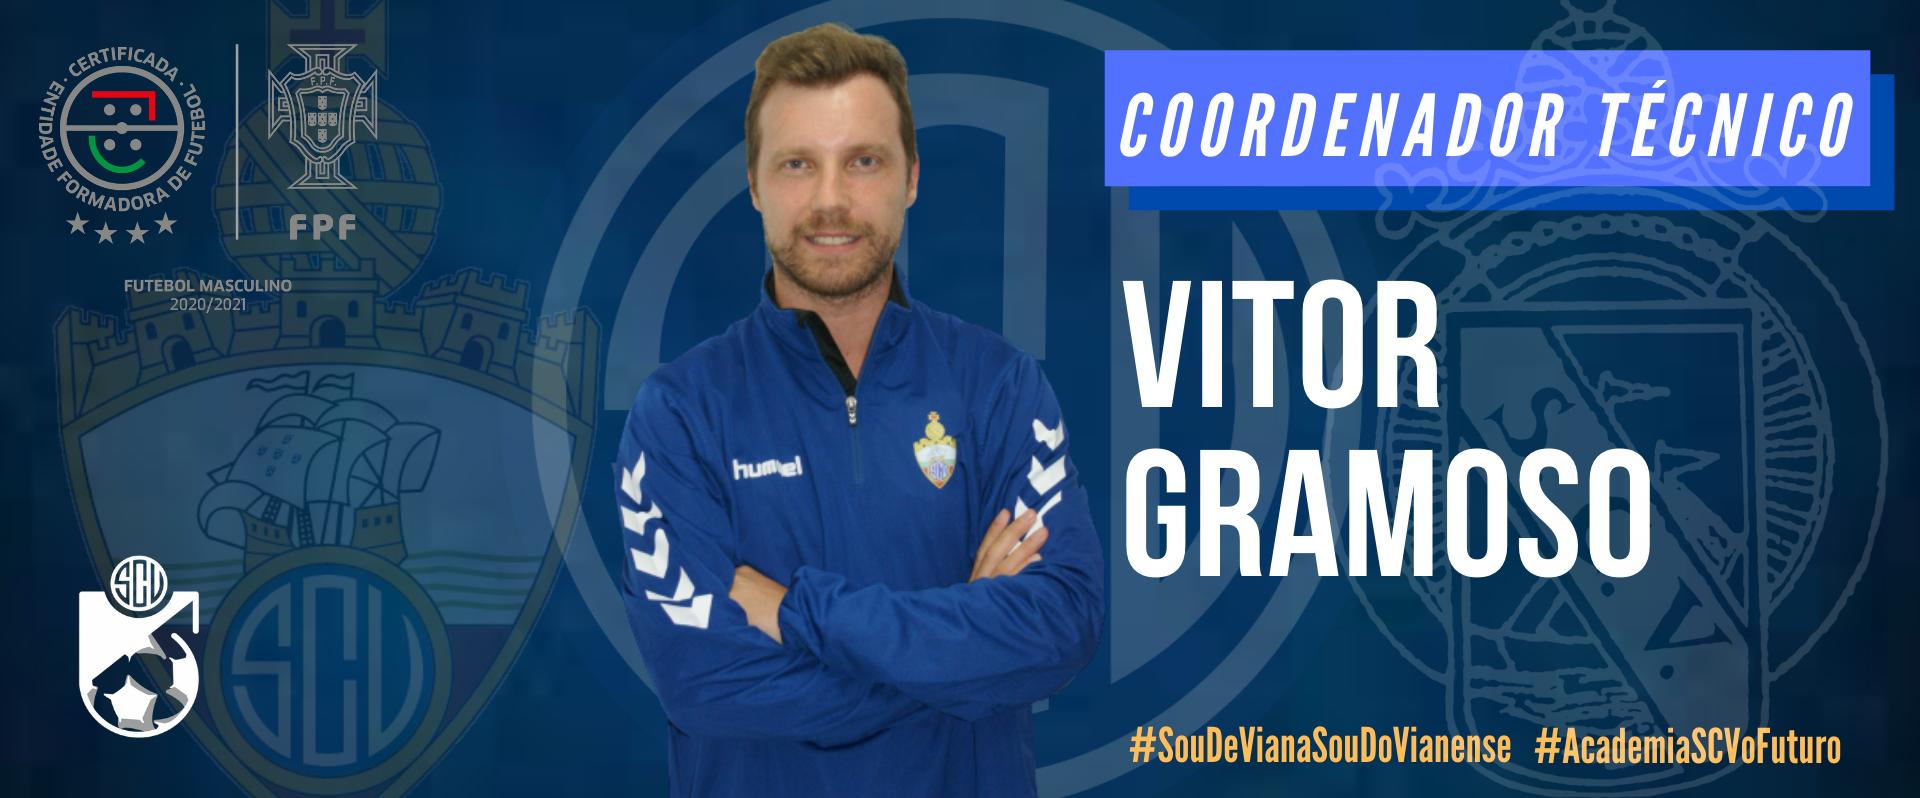 Vitor Gramoso é o novo Coordenador Técnico da Academia!